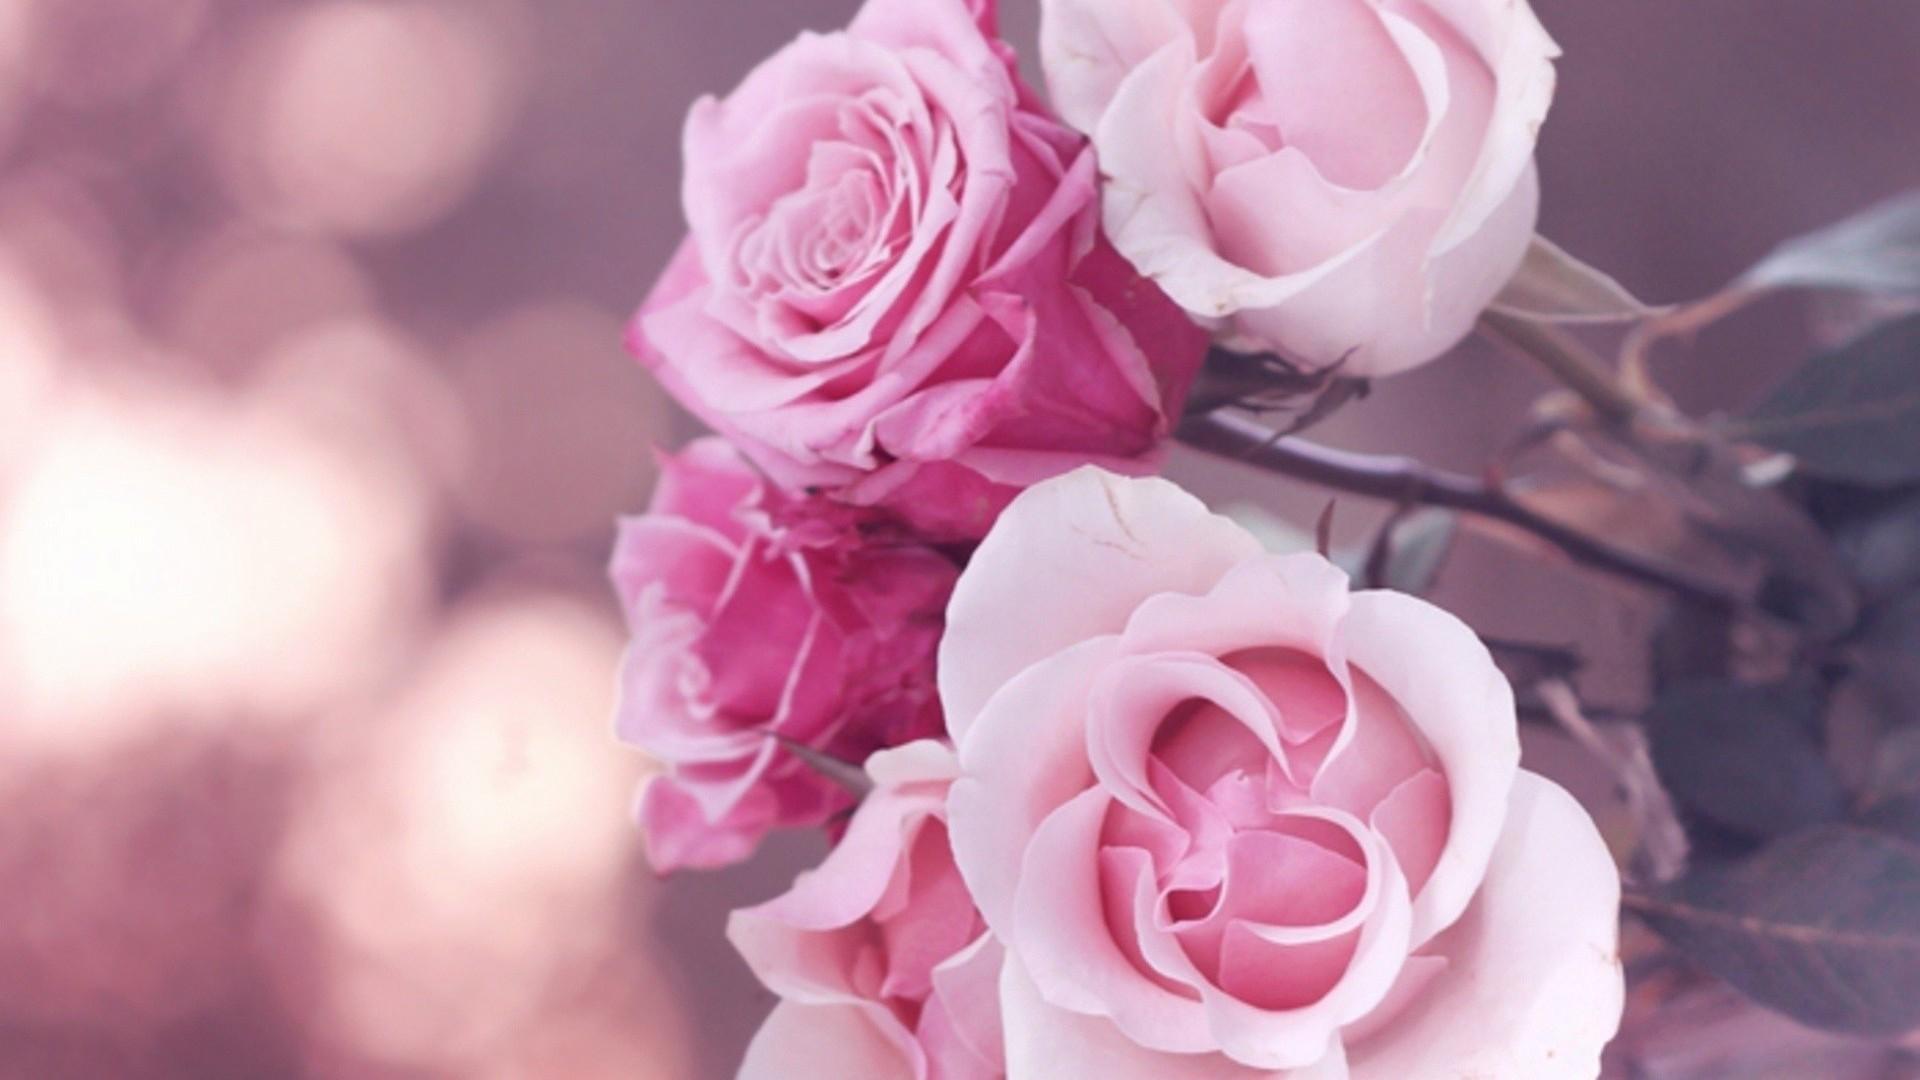 pink roses fond ecran hd